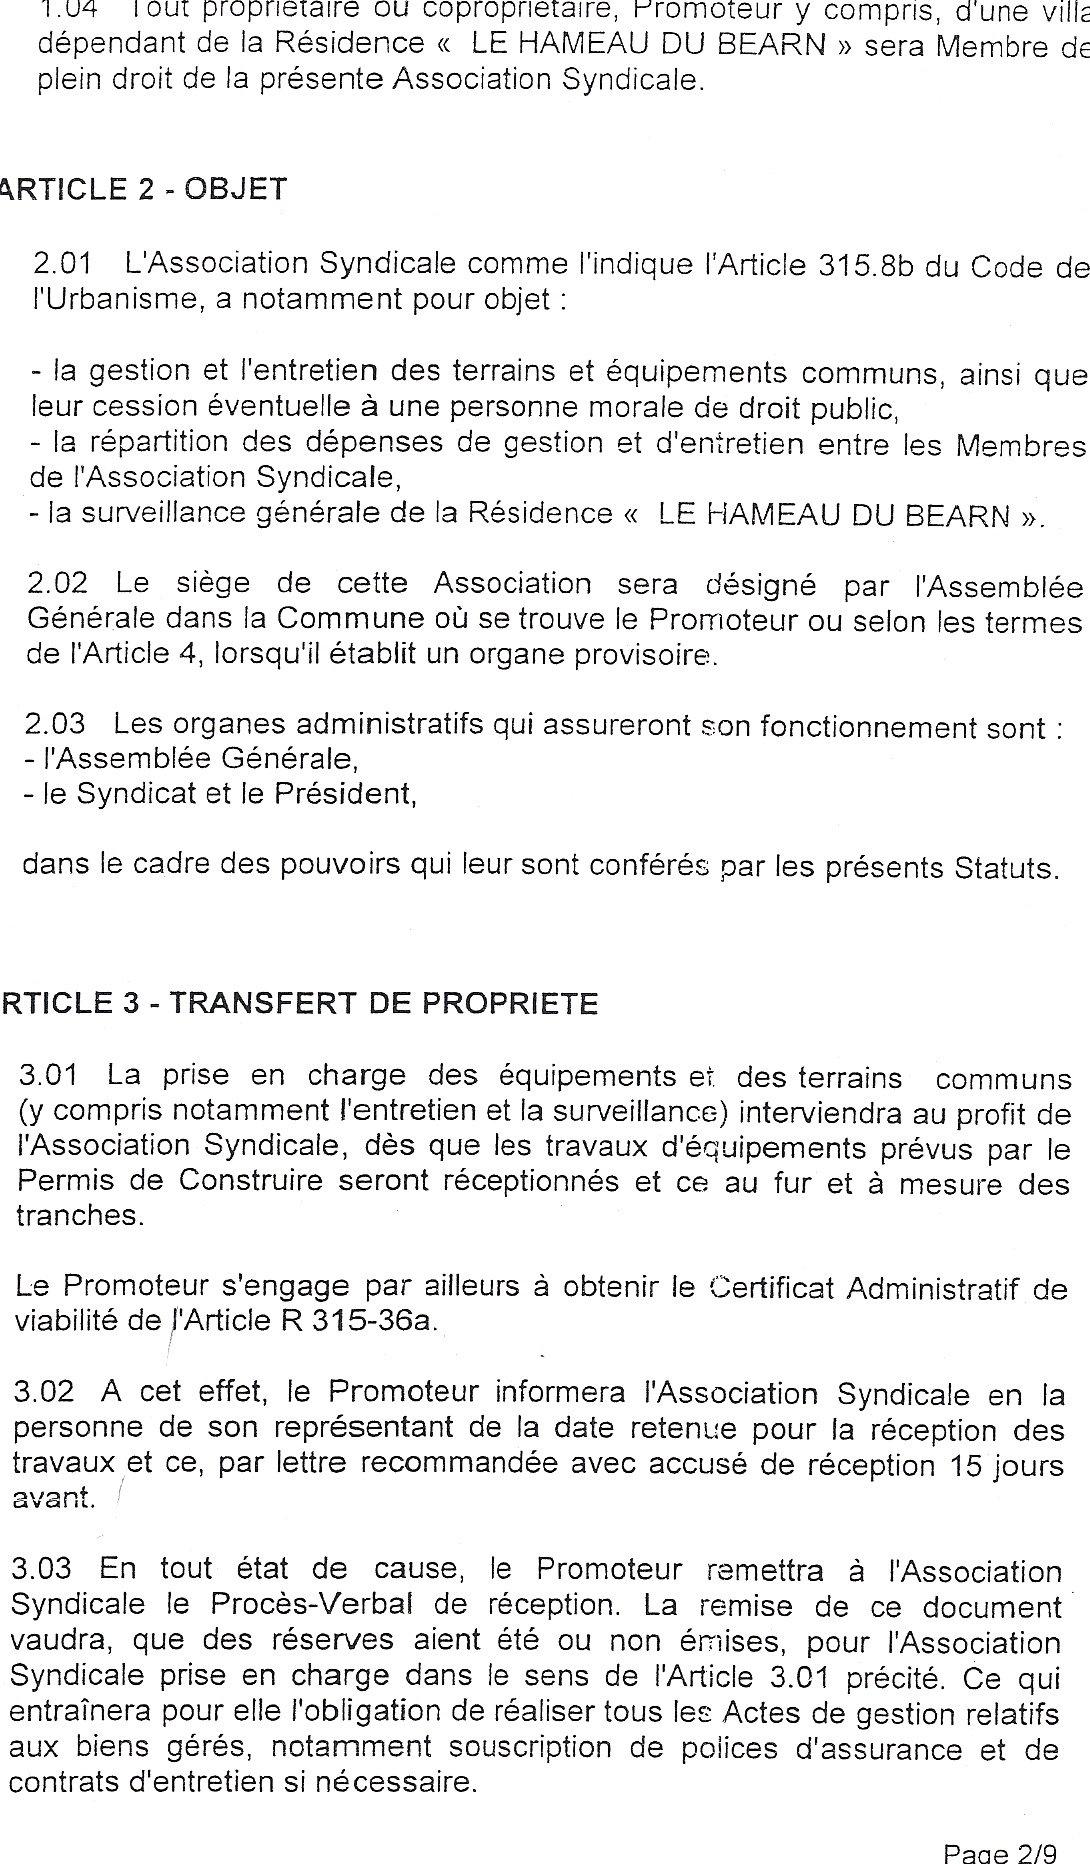 Epub reponse lettre de demission association for Exemple reglement interieur association